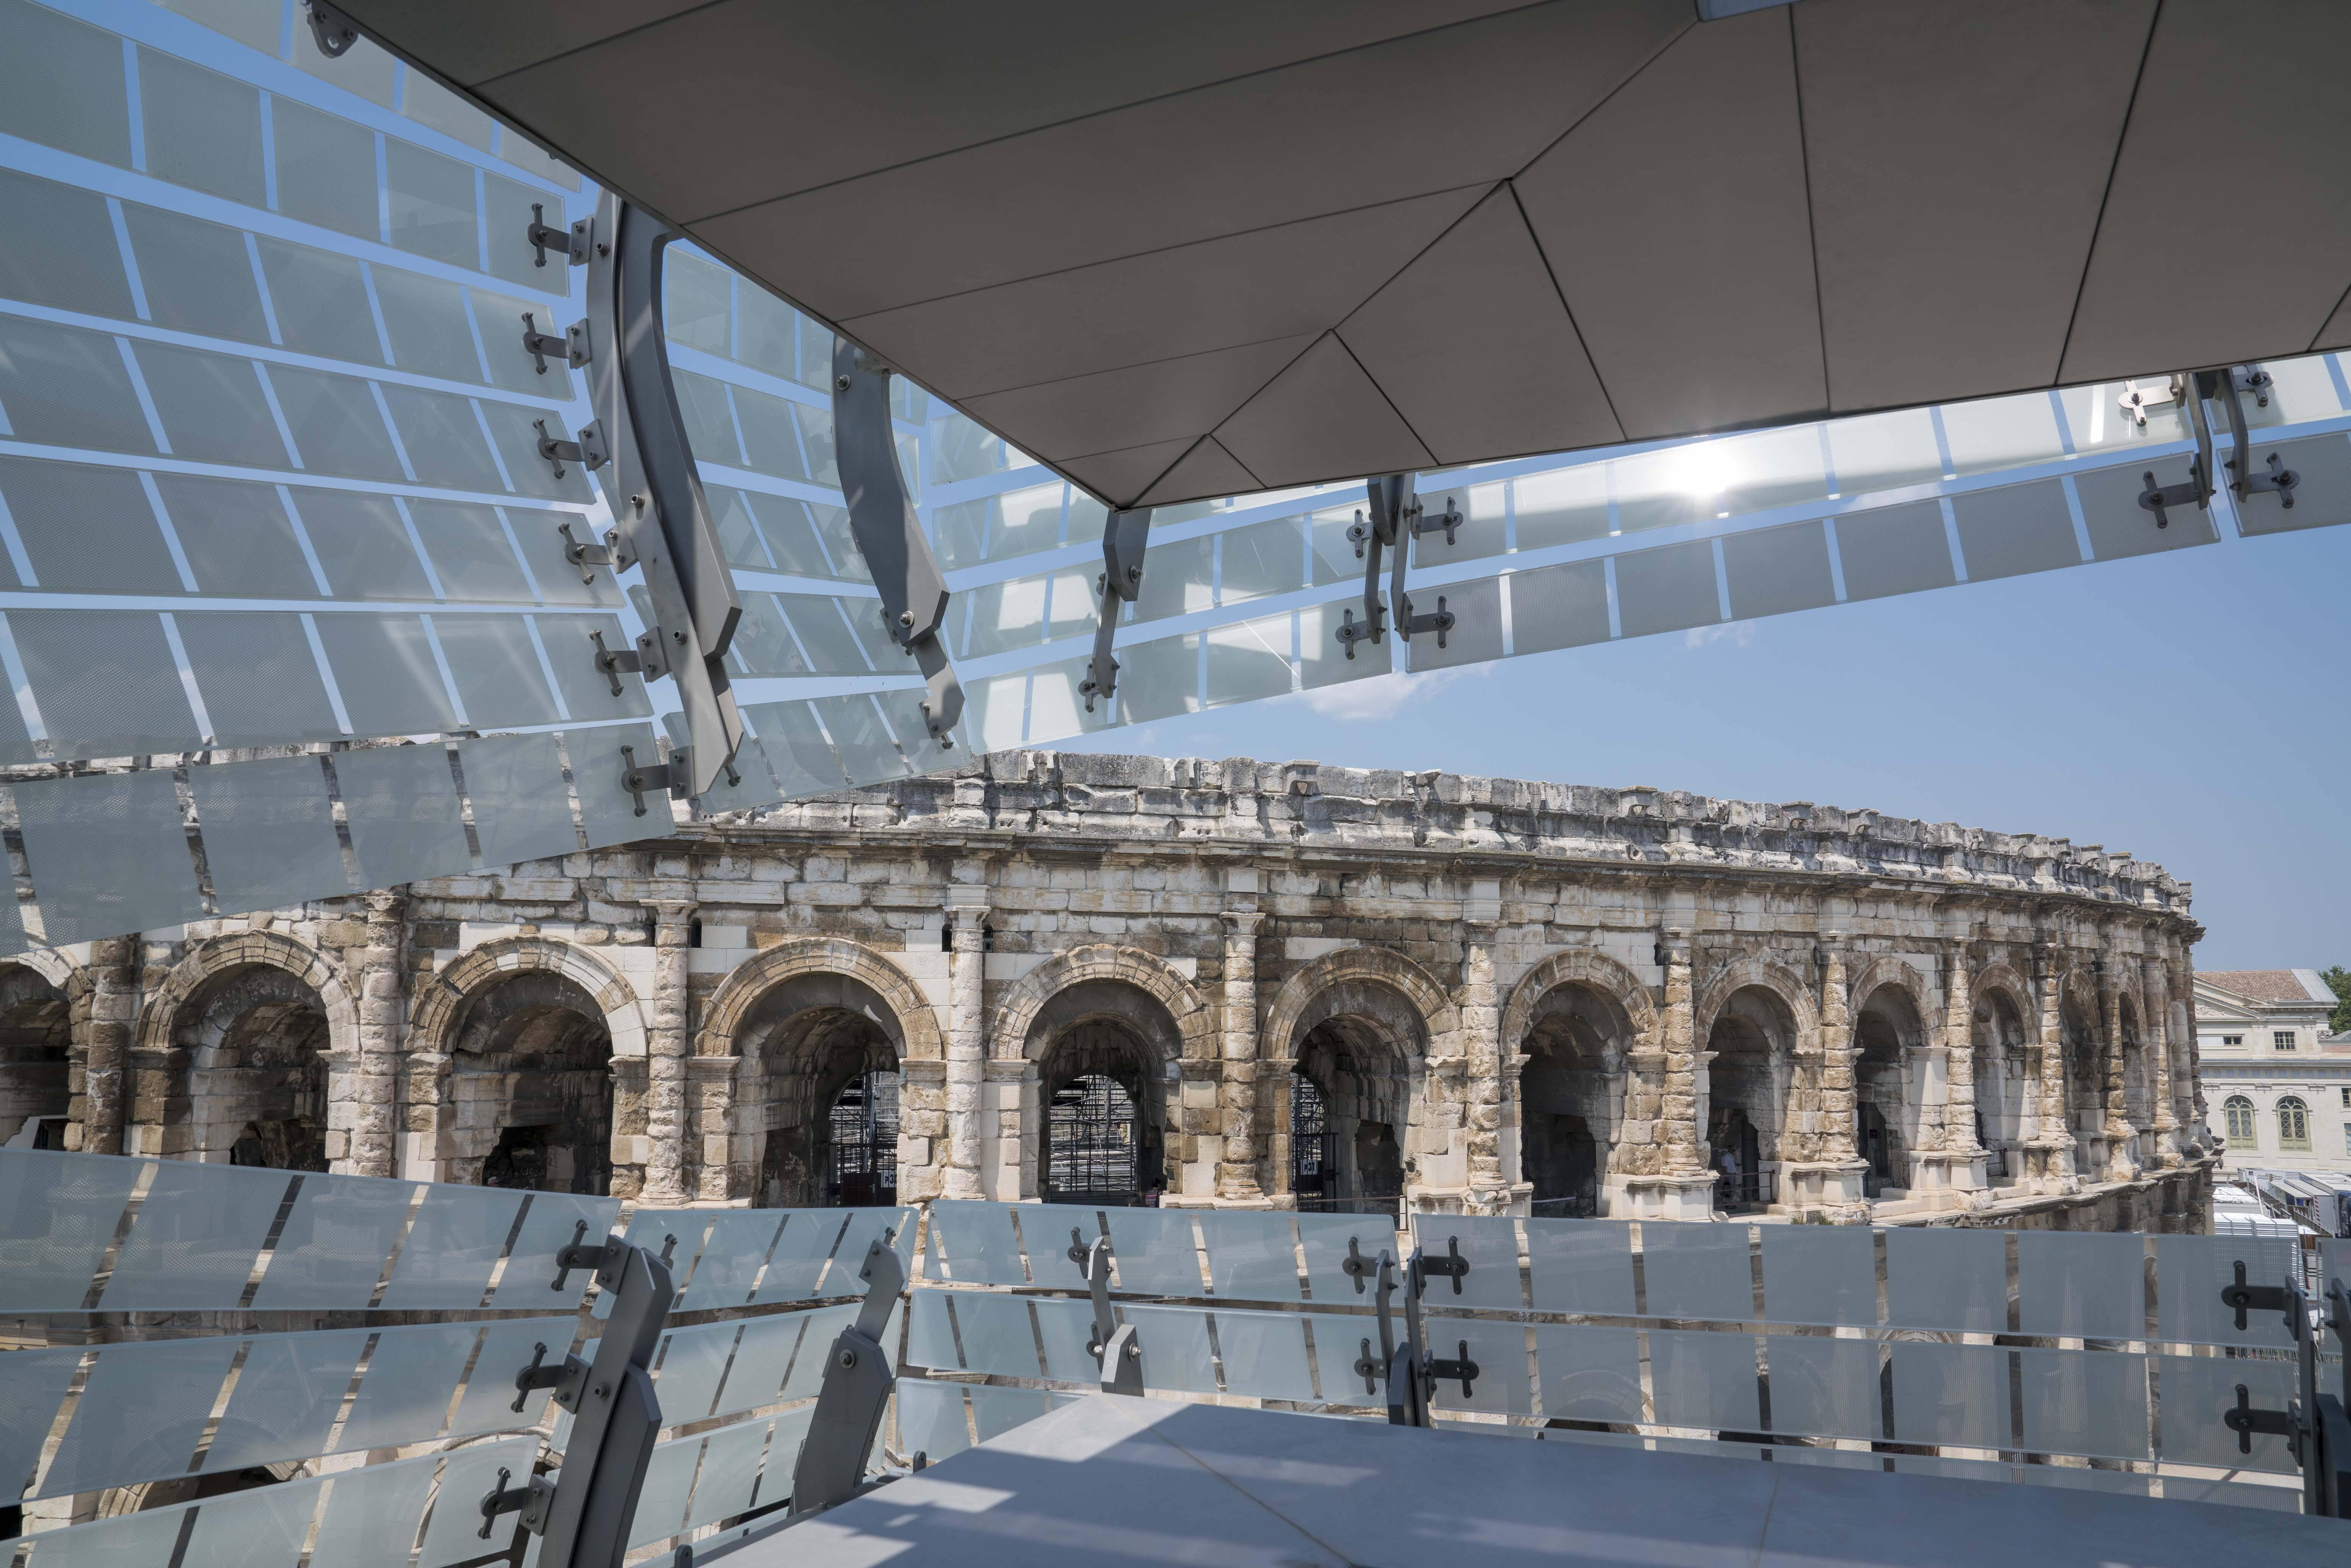 A vista de dentro do museu revestido por mosaicos de vidro dialogando com  mais de 20 séculos de História com as antigas arenas romanas /Foto: Arquivo pessoal